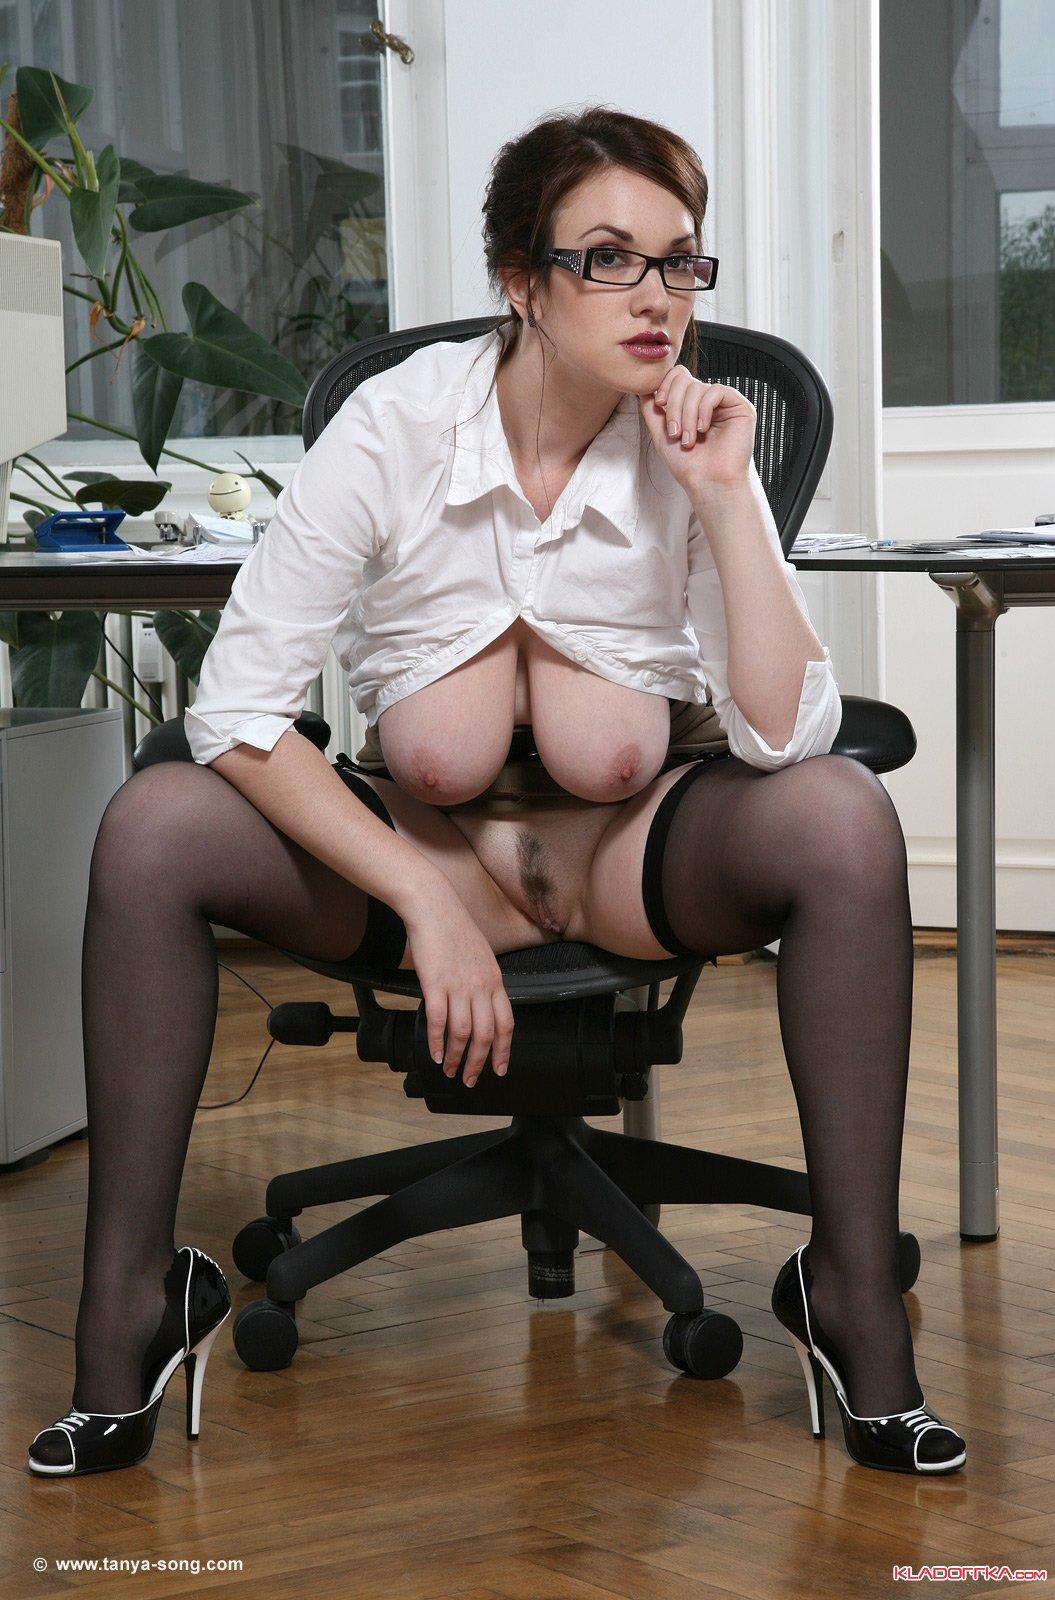 tanya tits Anna song secretary